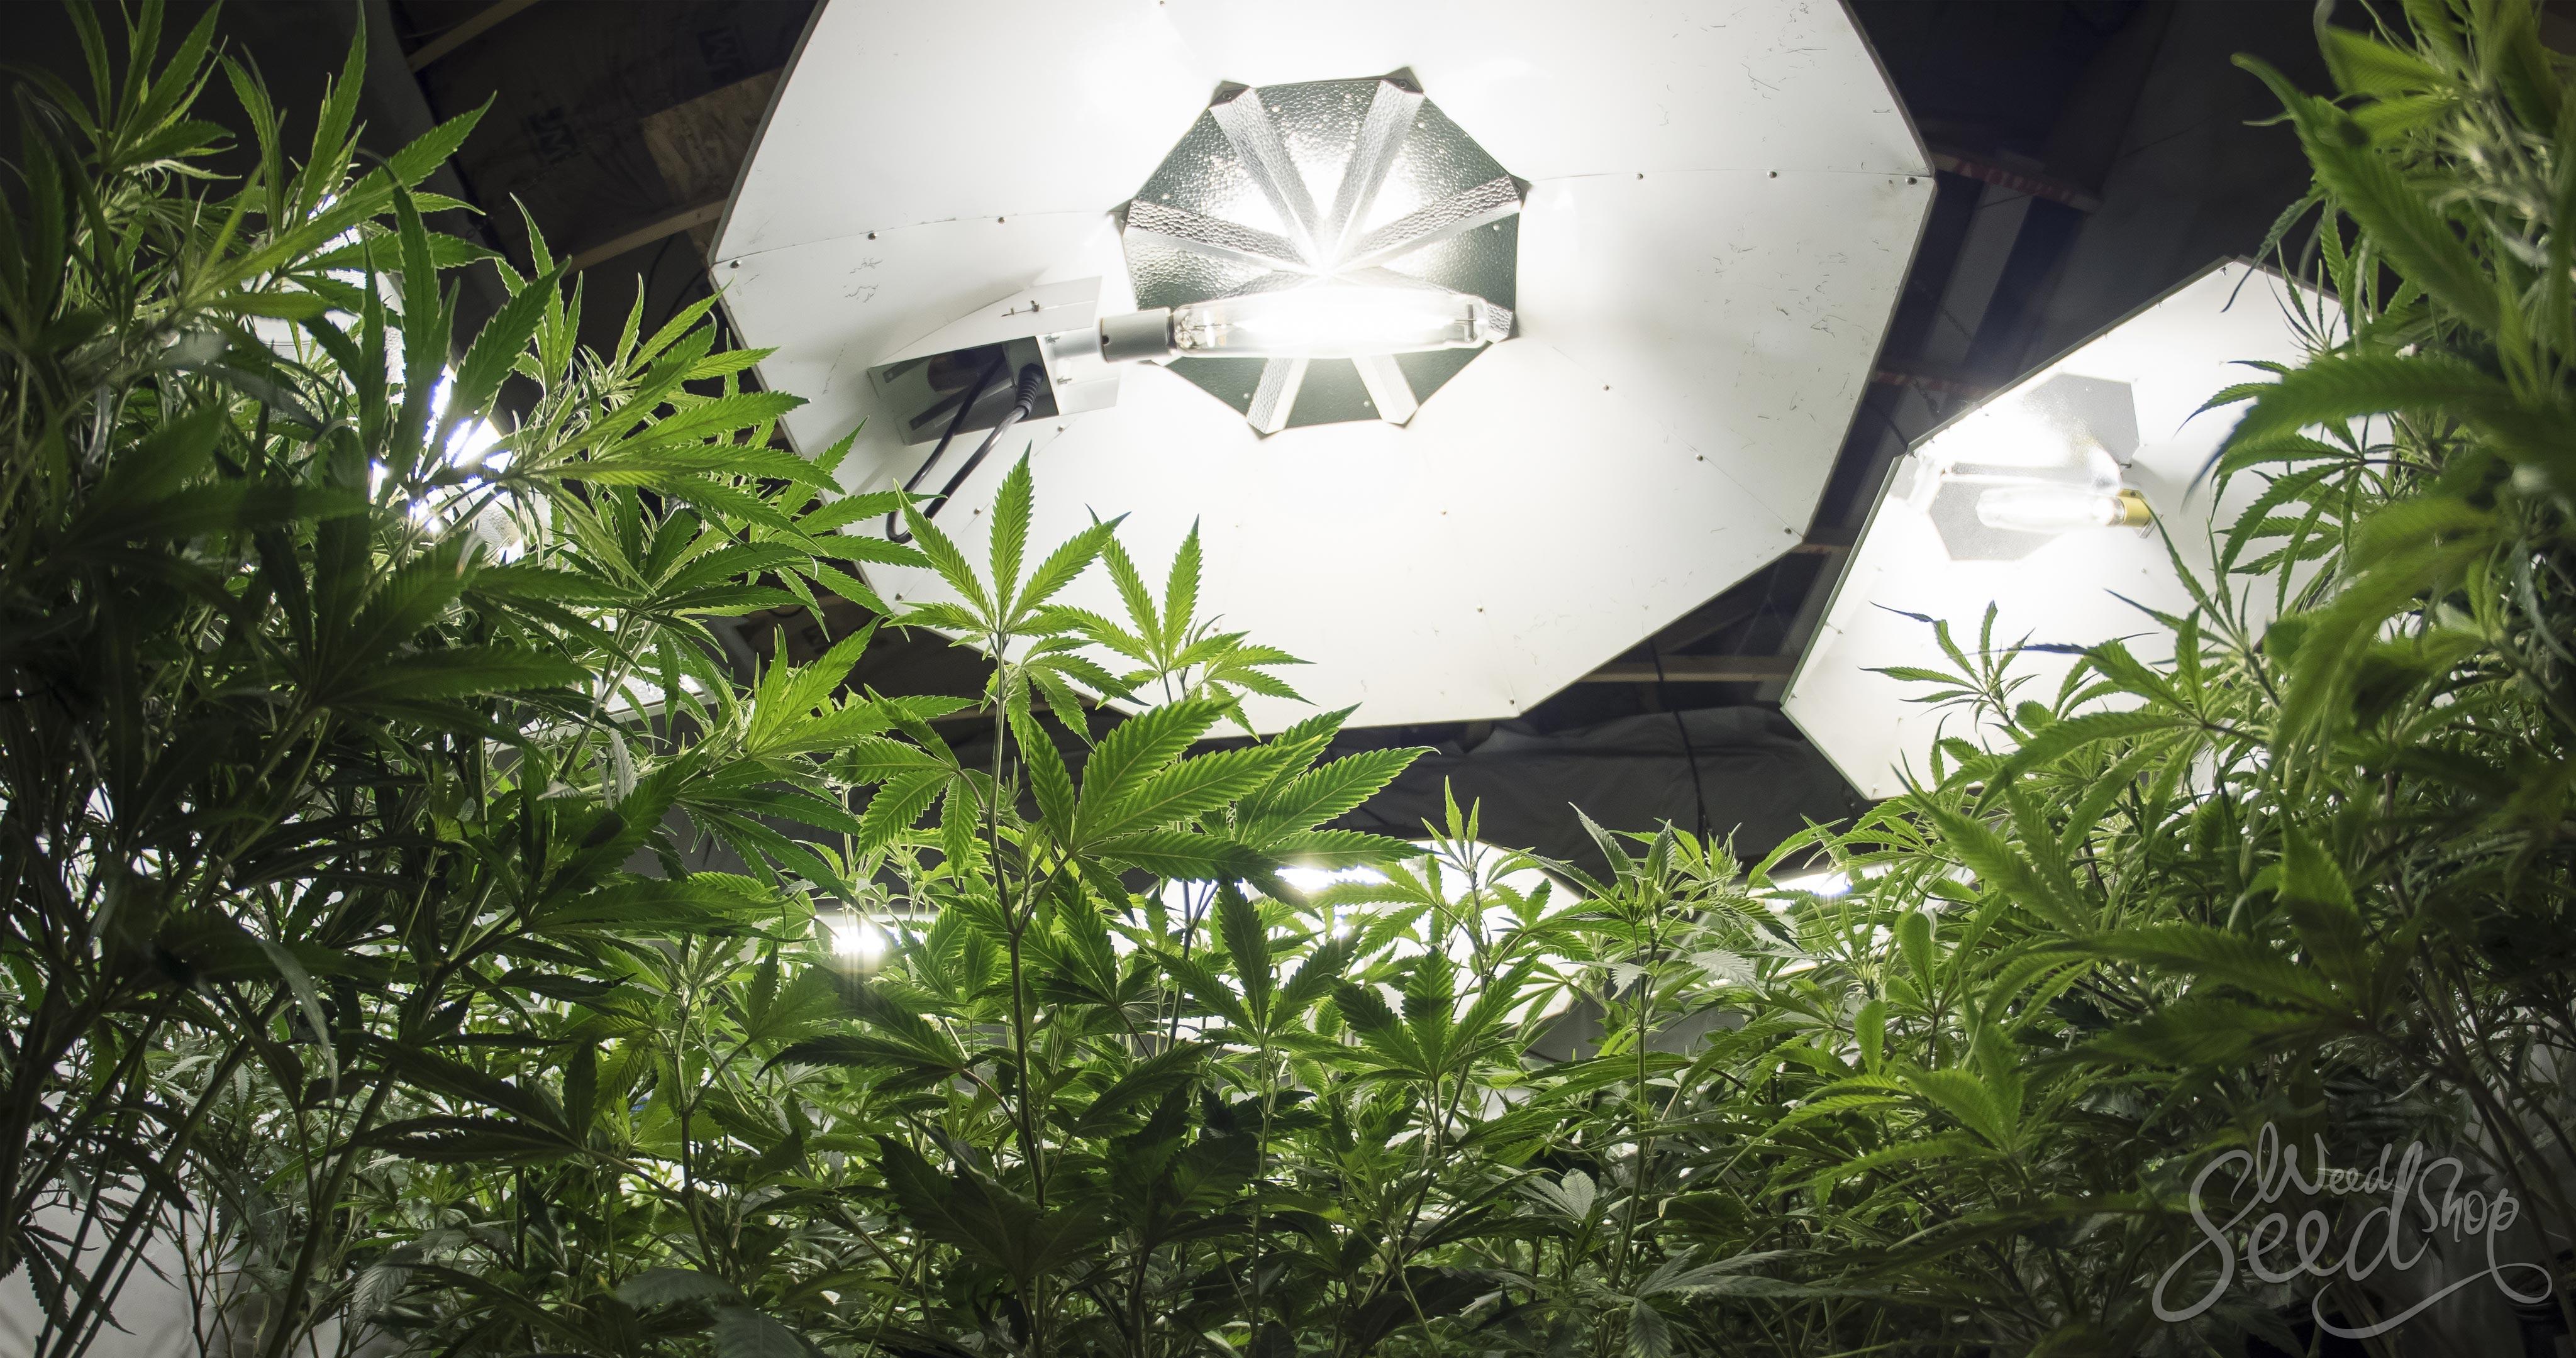 Wiet kweken 101: Lampen en hun impact op de oogst